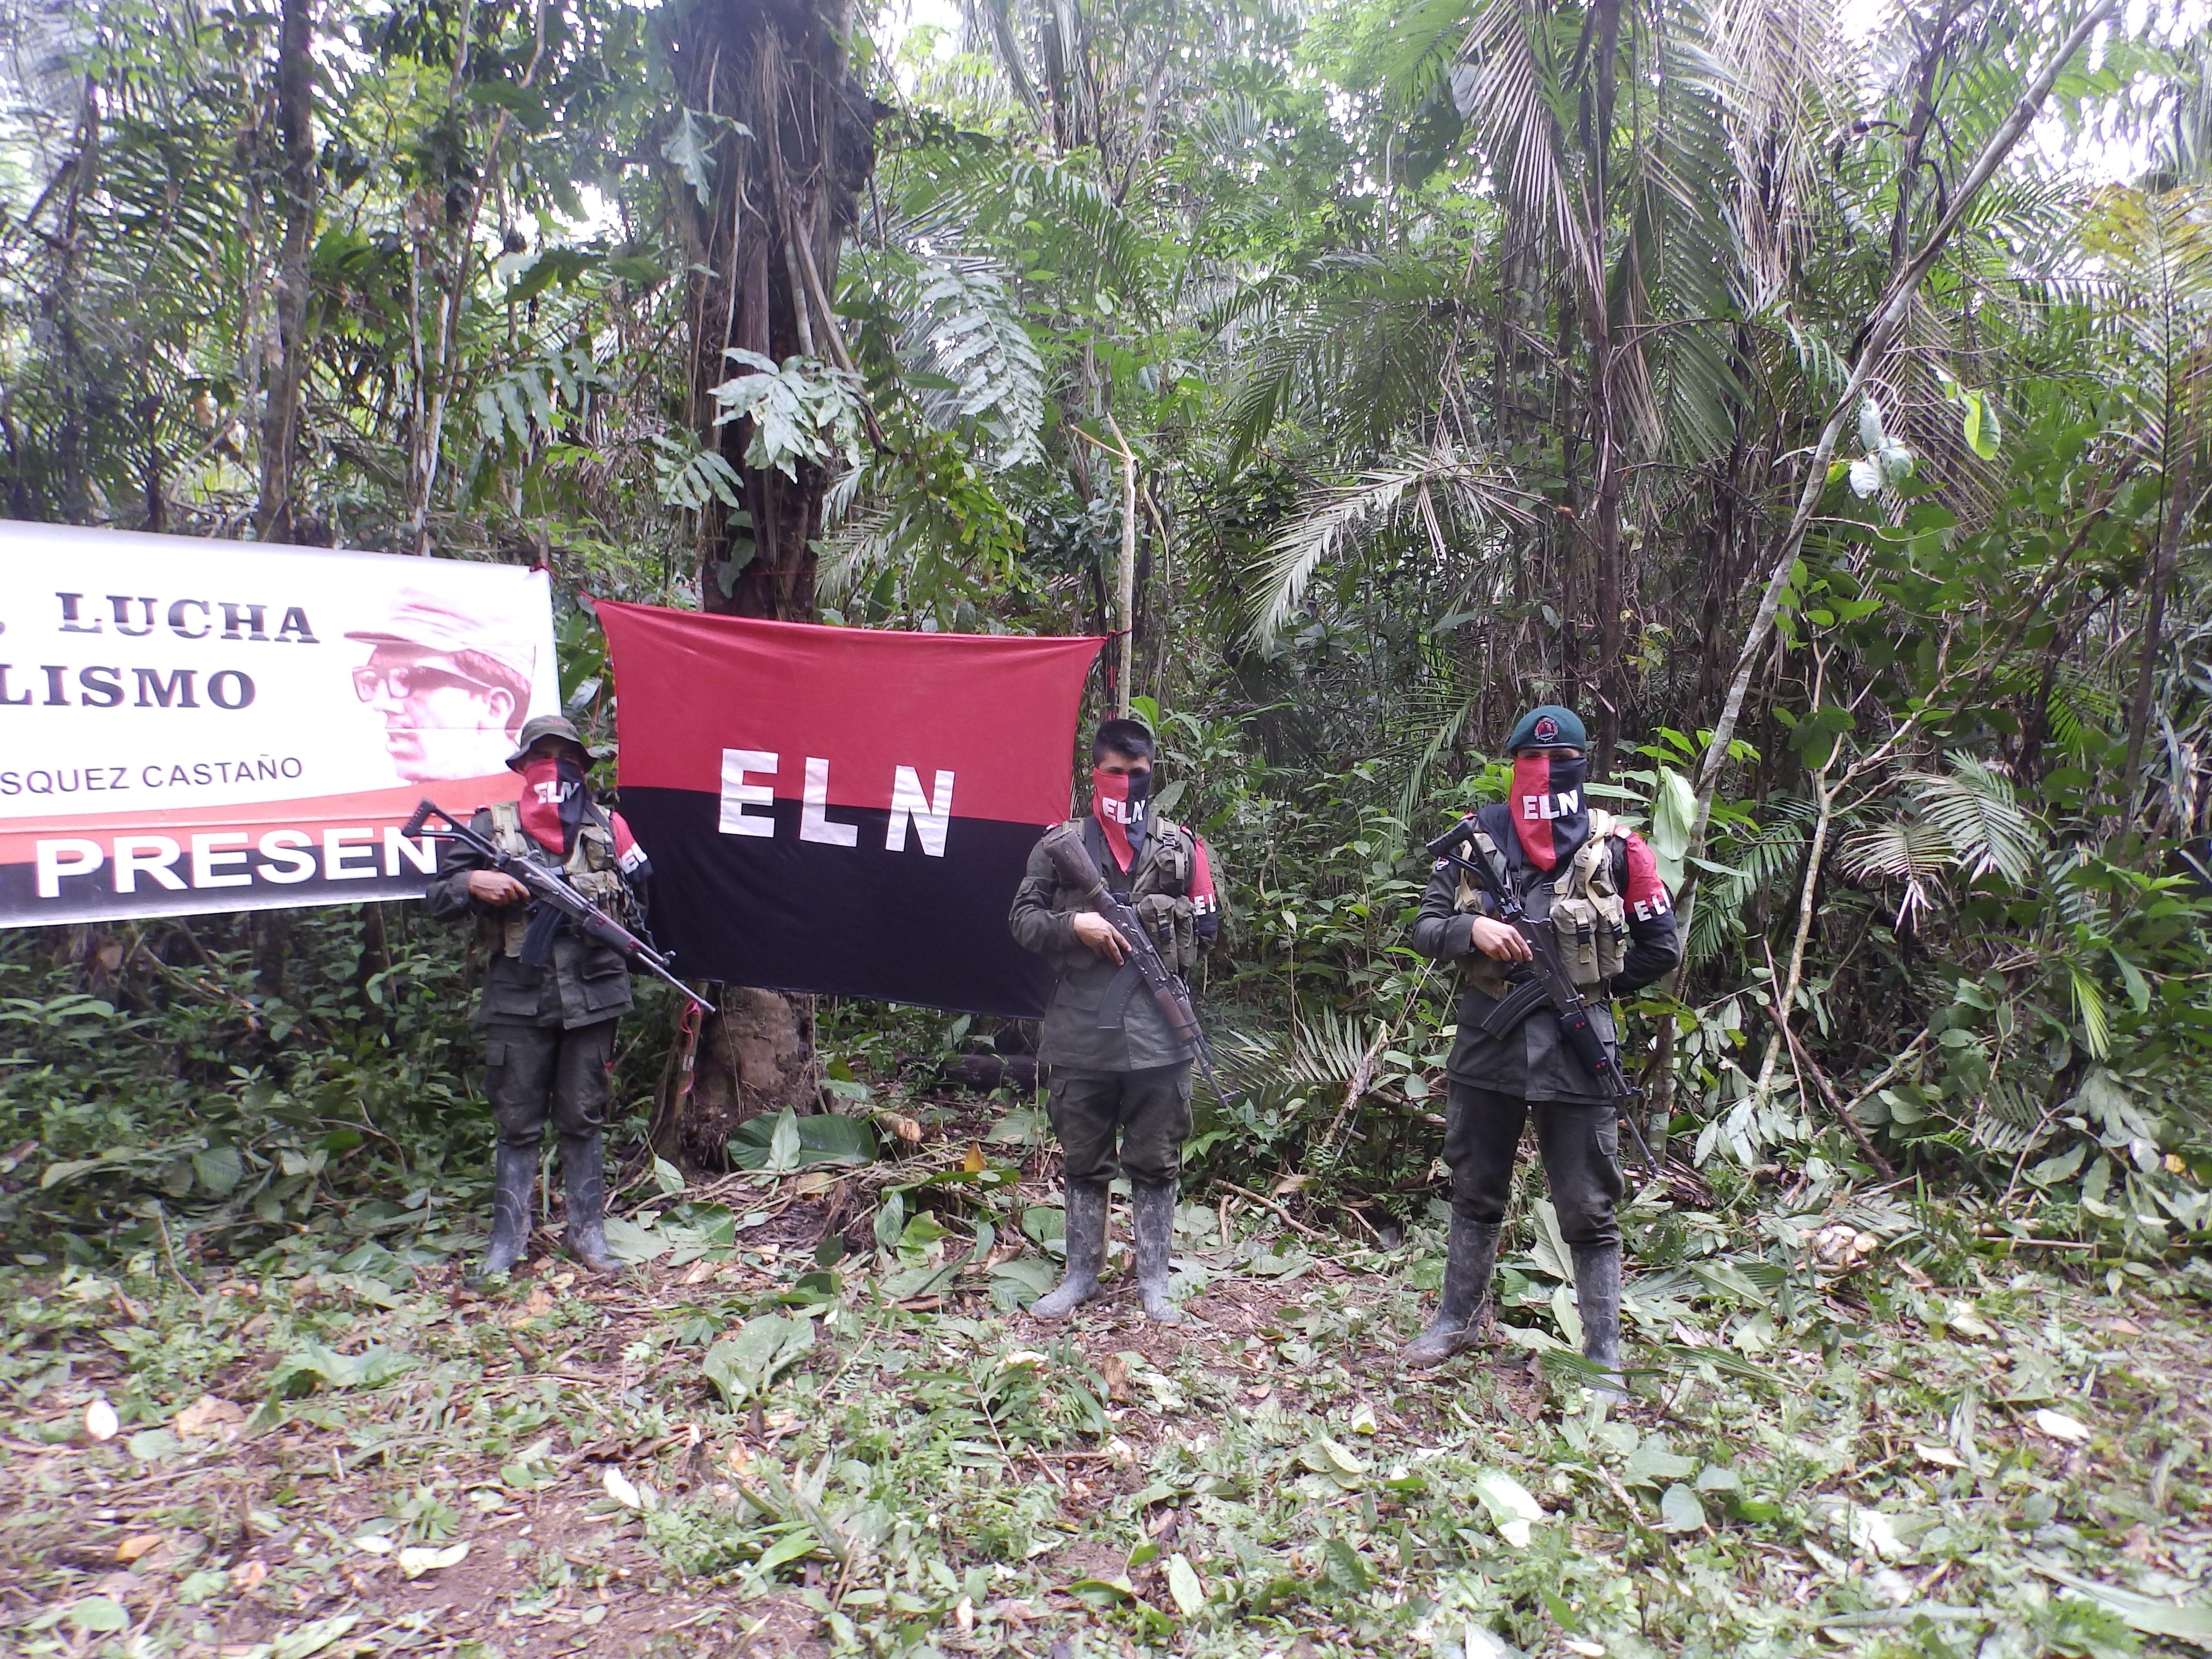 Por Arauca fueron entregados soldados secuestrados por el ELN en Guican, (Boyacá). Caminaron cinco días para llegar a punto de encuentro.